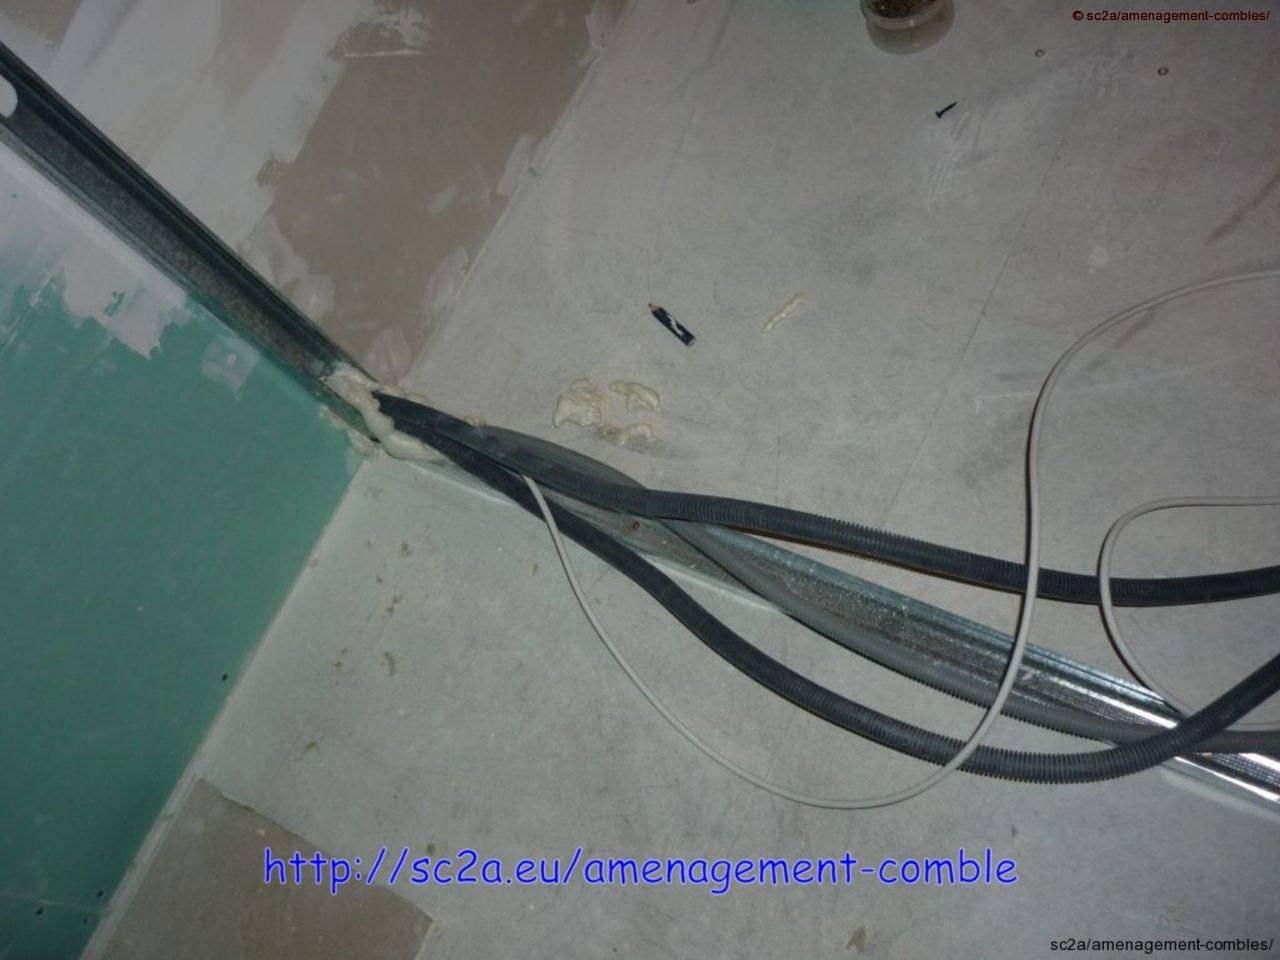 passage de gaine électrique dans rails à placo